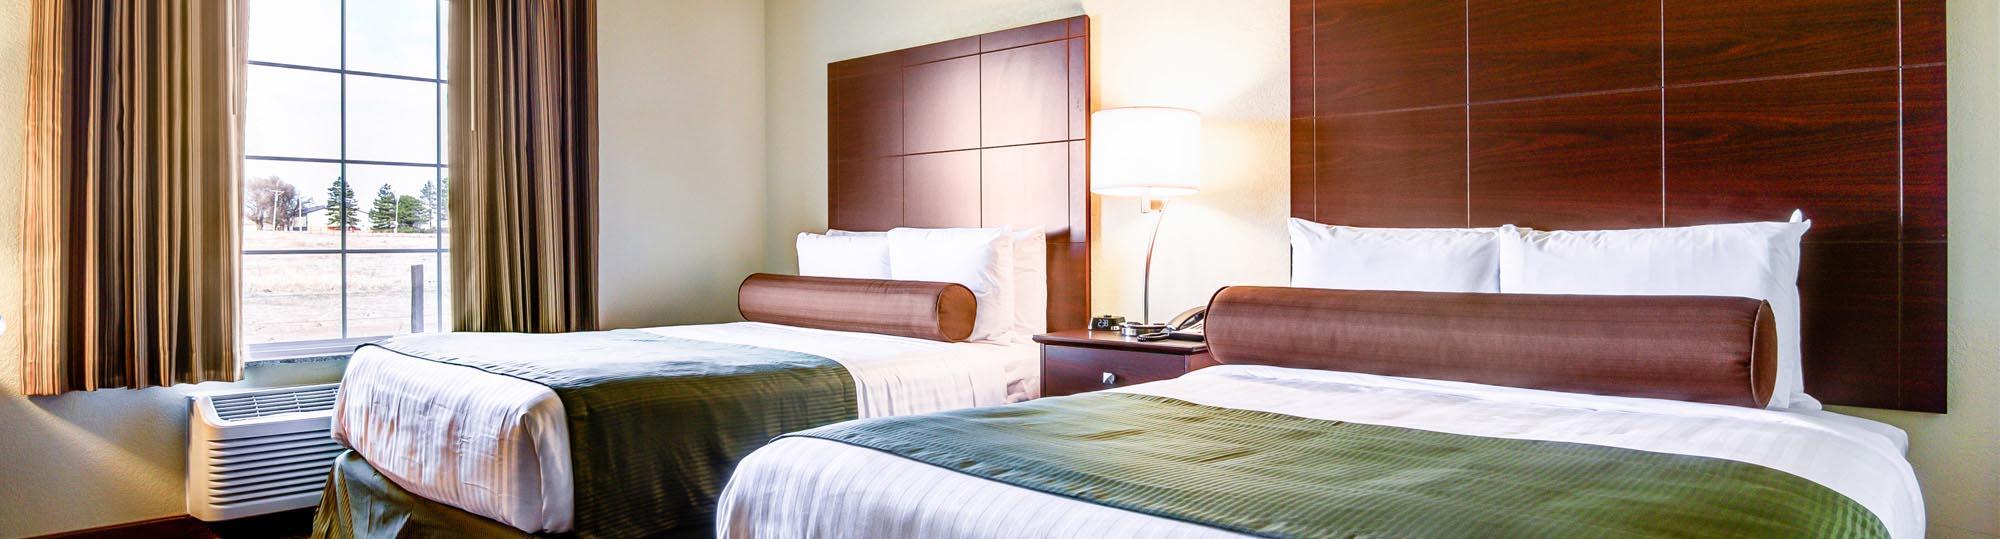 Cobblestone Inn and Suites Quinter